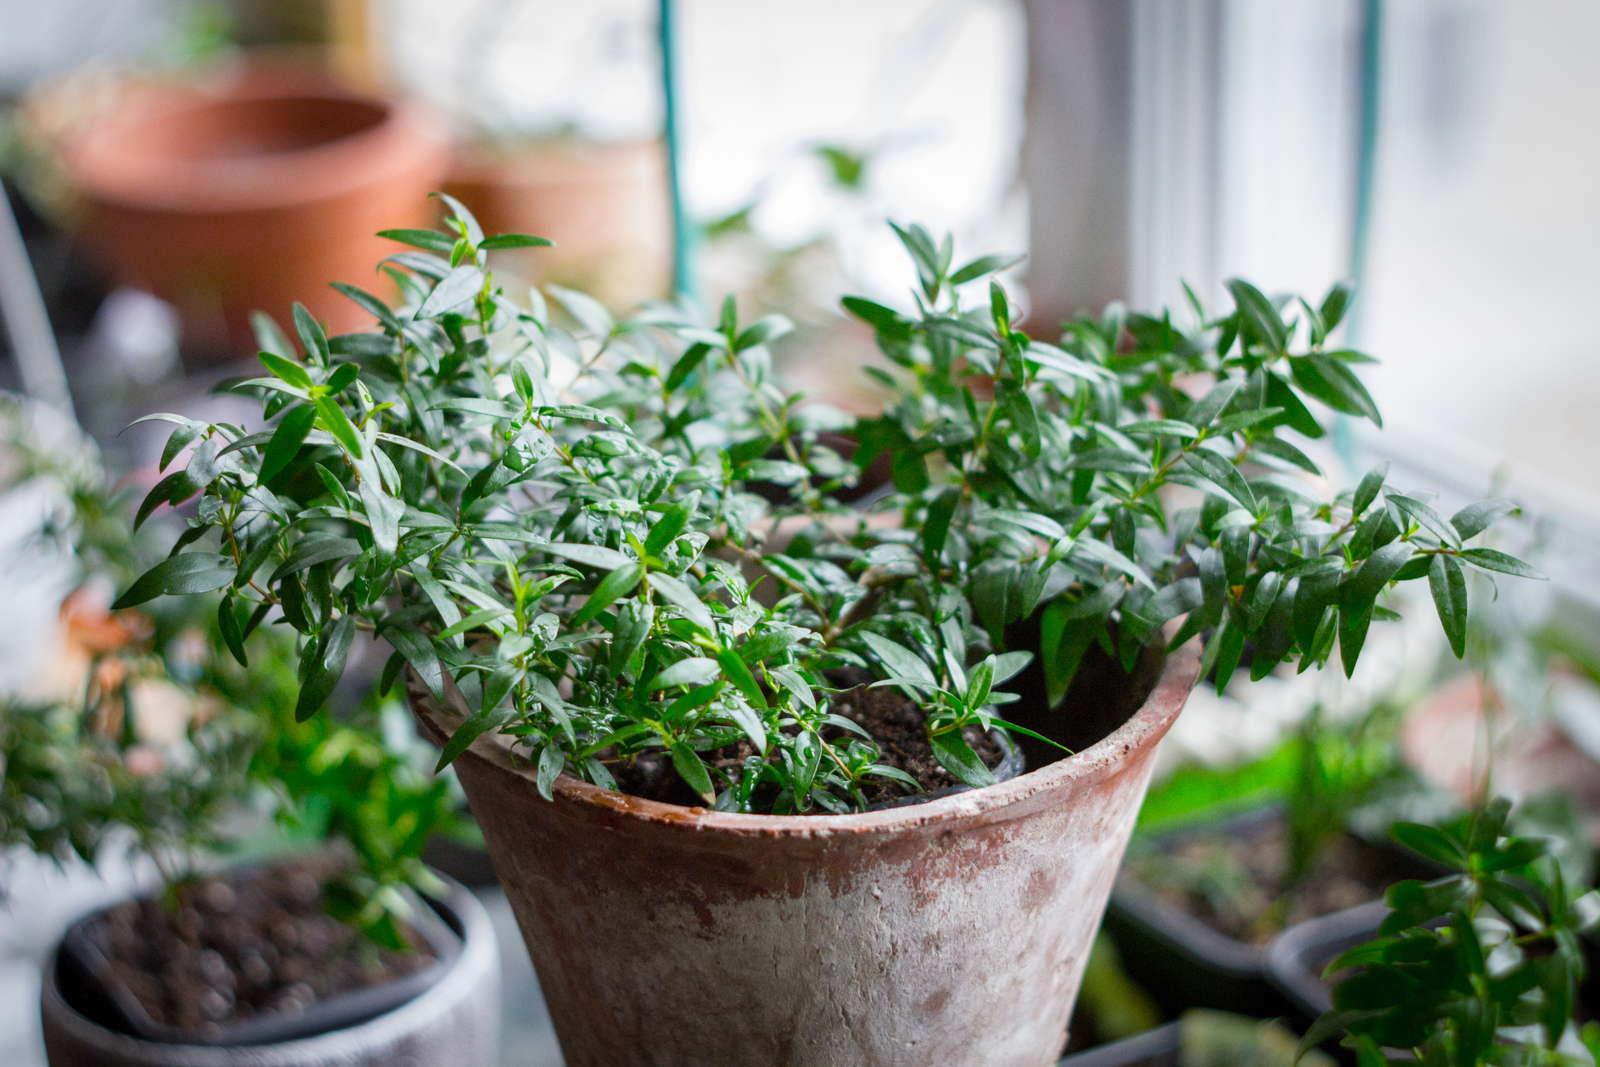 pflanzen richtig berwintern 10 experten tipps f r ihren garten plantura. Black Bedroom Furniture Sets. Home Design Ideas